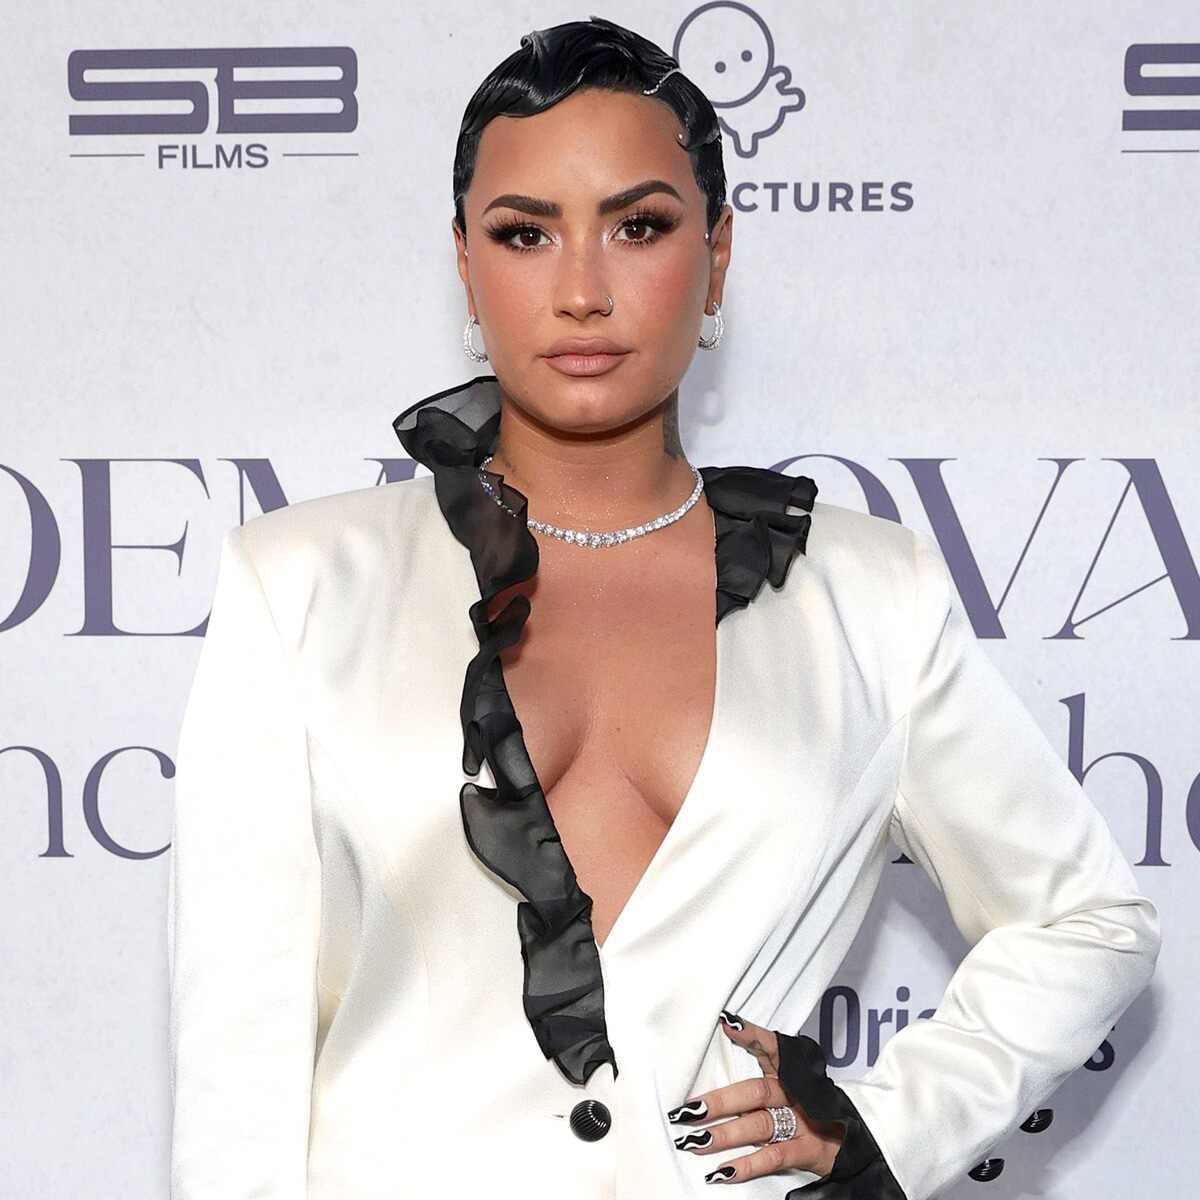 Demi Lovato, Dancing With the Devil premiere event